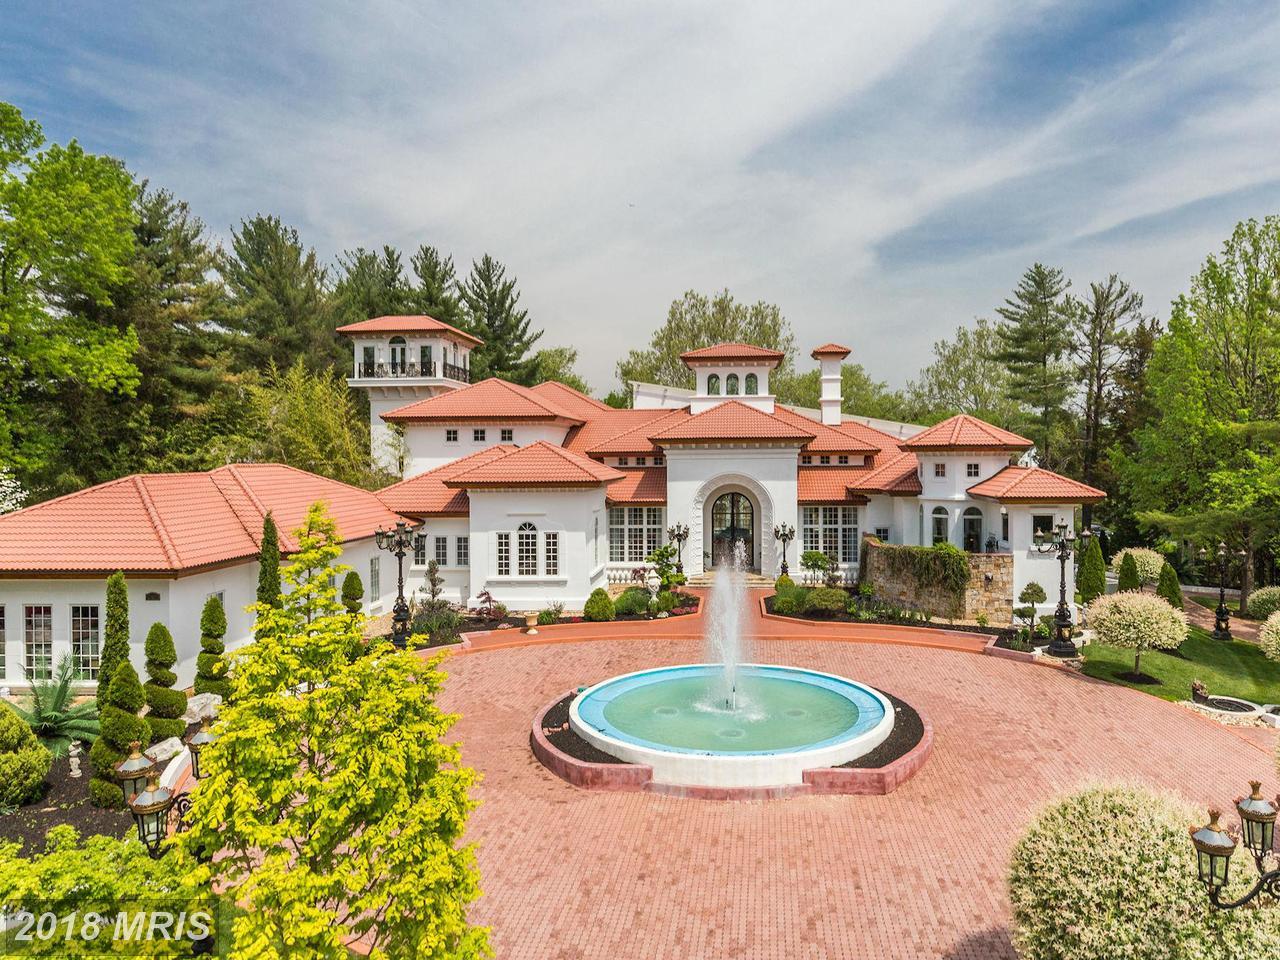 Tek Ailelik Ev için Satış at Spanish, Detached - POTOMAC, MD 9101 RIVER RD Potomac, Maryland,20854 Amerika Birleşik Devletleri